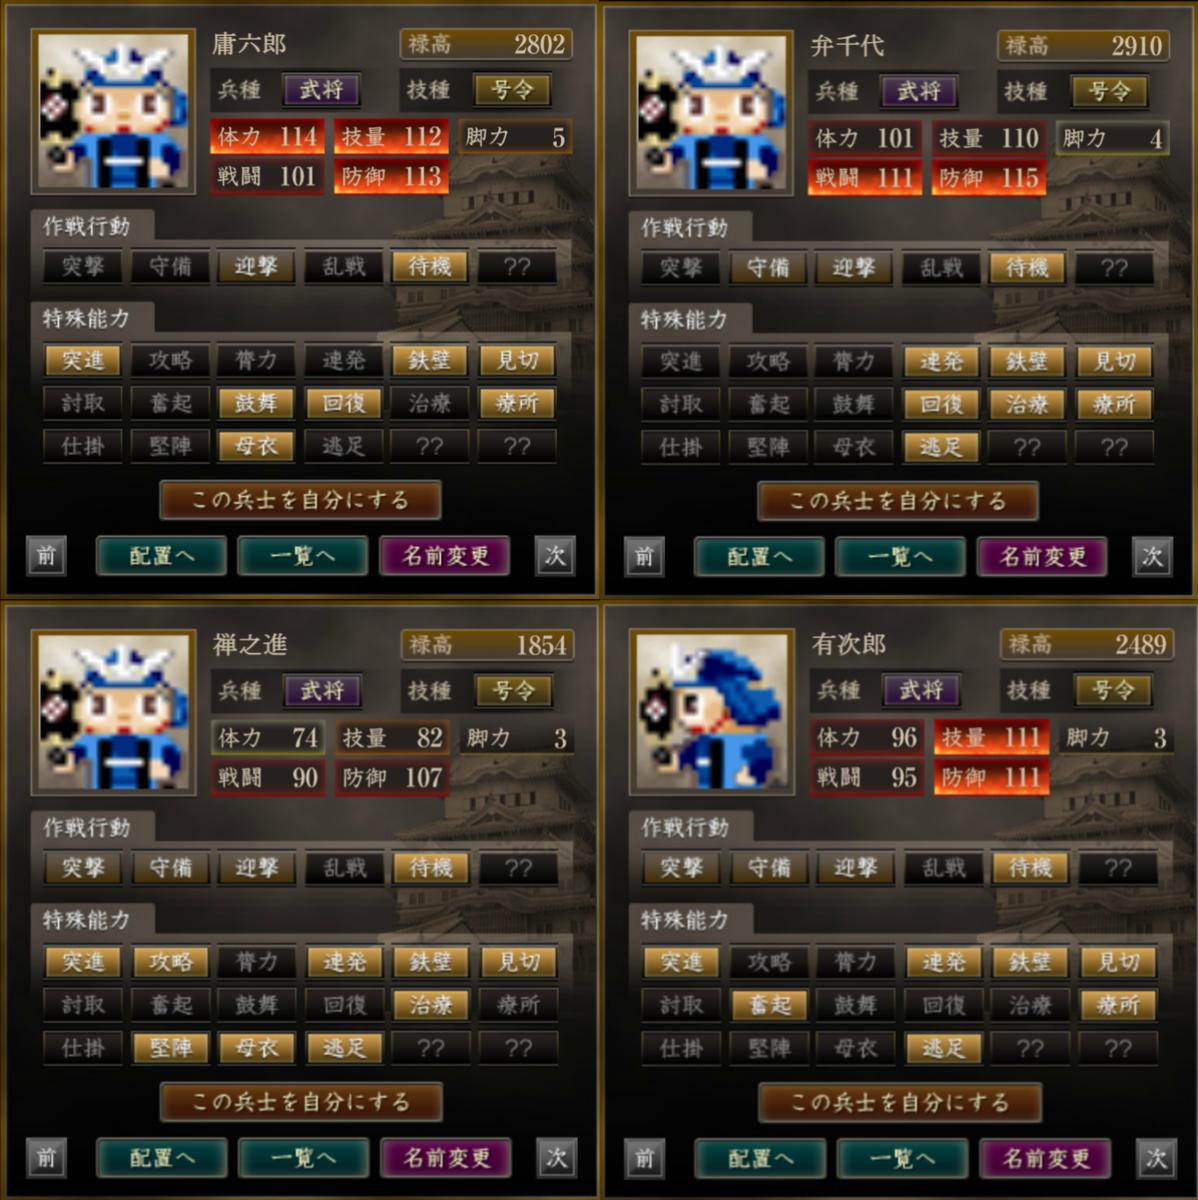 f:id:ren_1111:20201101125540p:plain